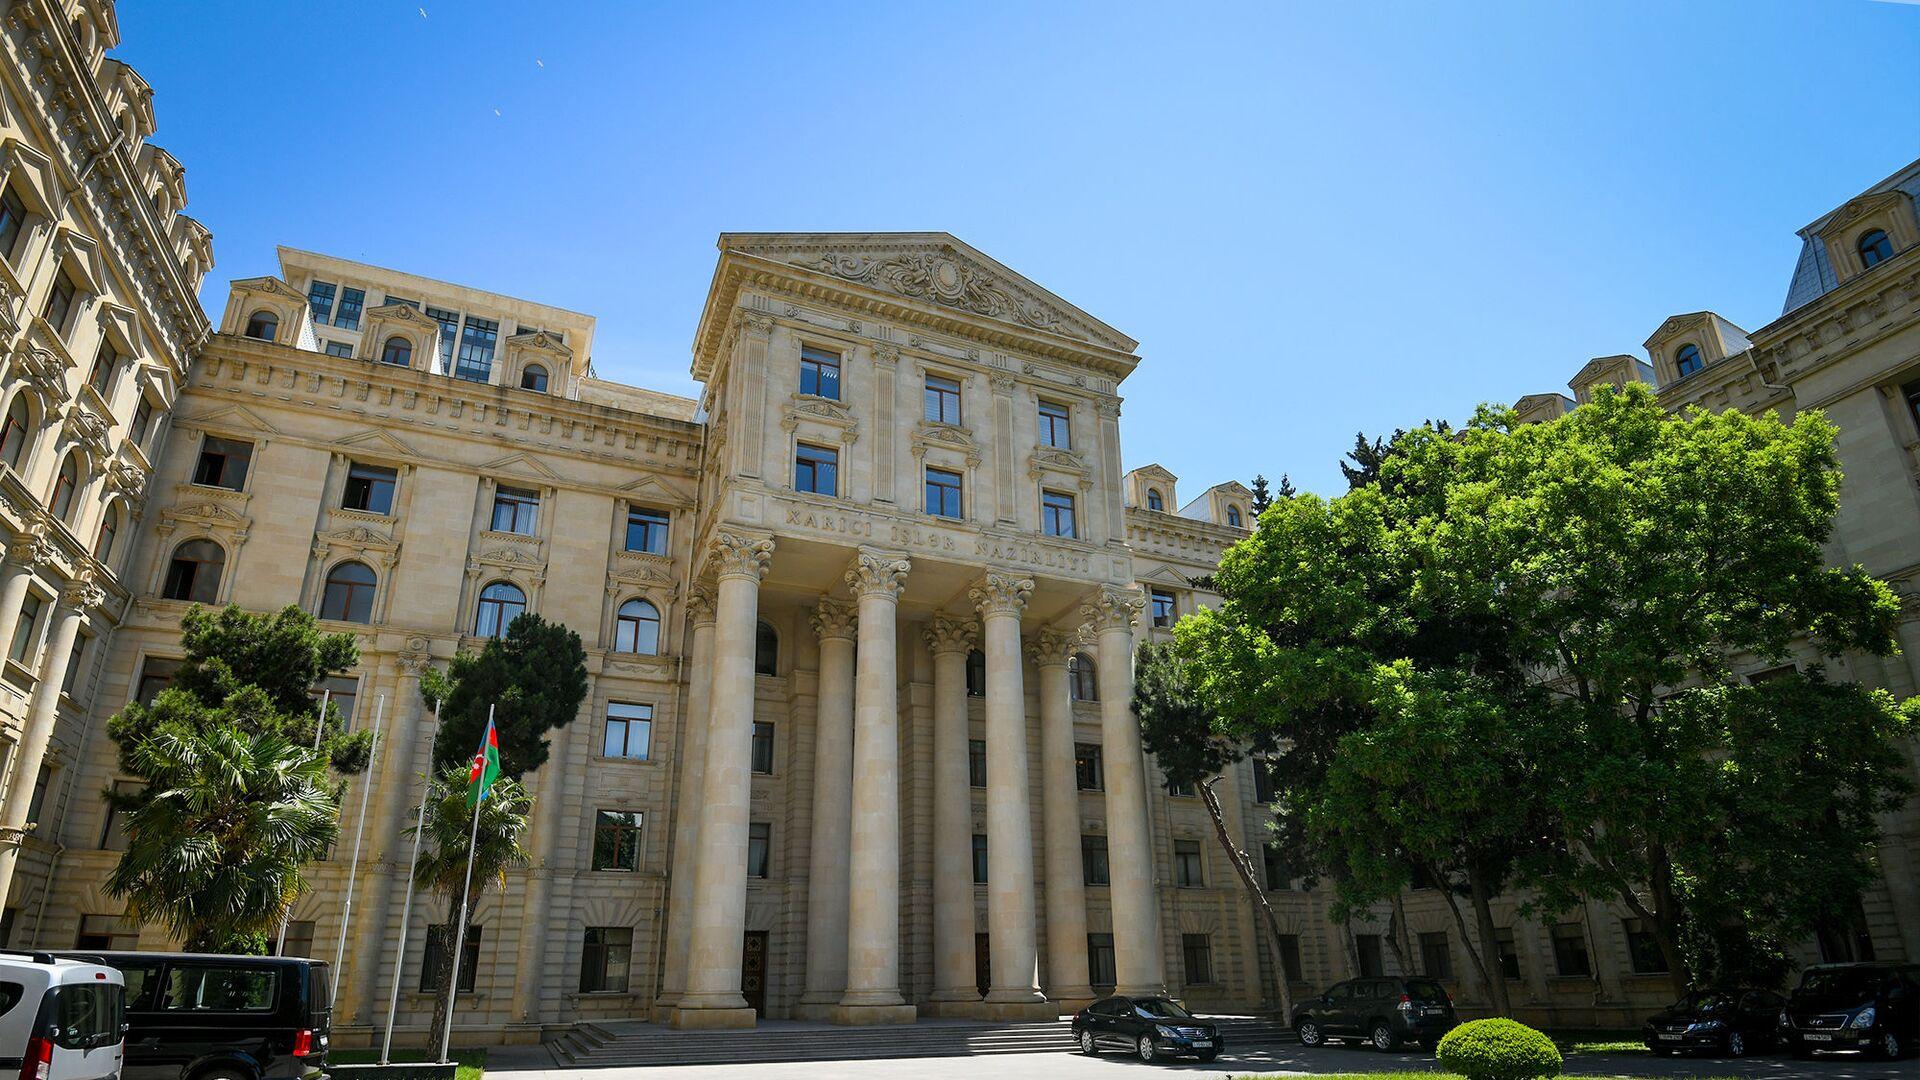 Здание Министерства иностранных дел Азербайджанской Республики в Баку - Sputnik Азербайджан, 1920, 28.07.2021